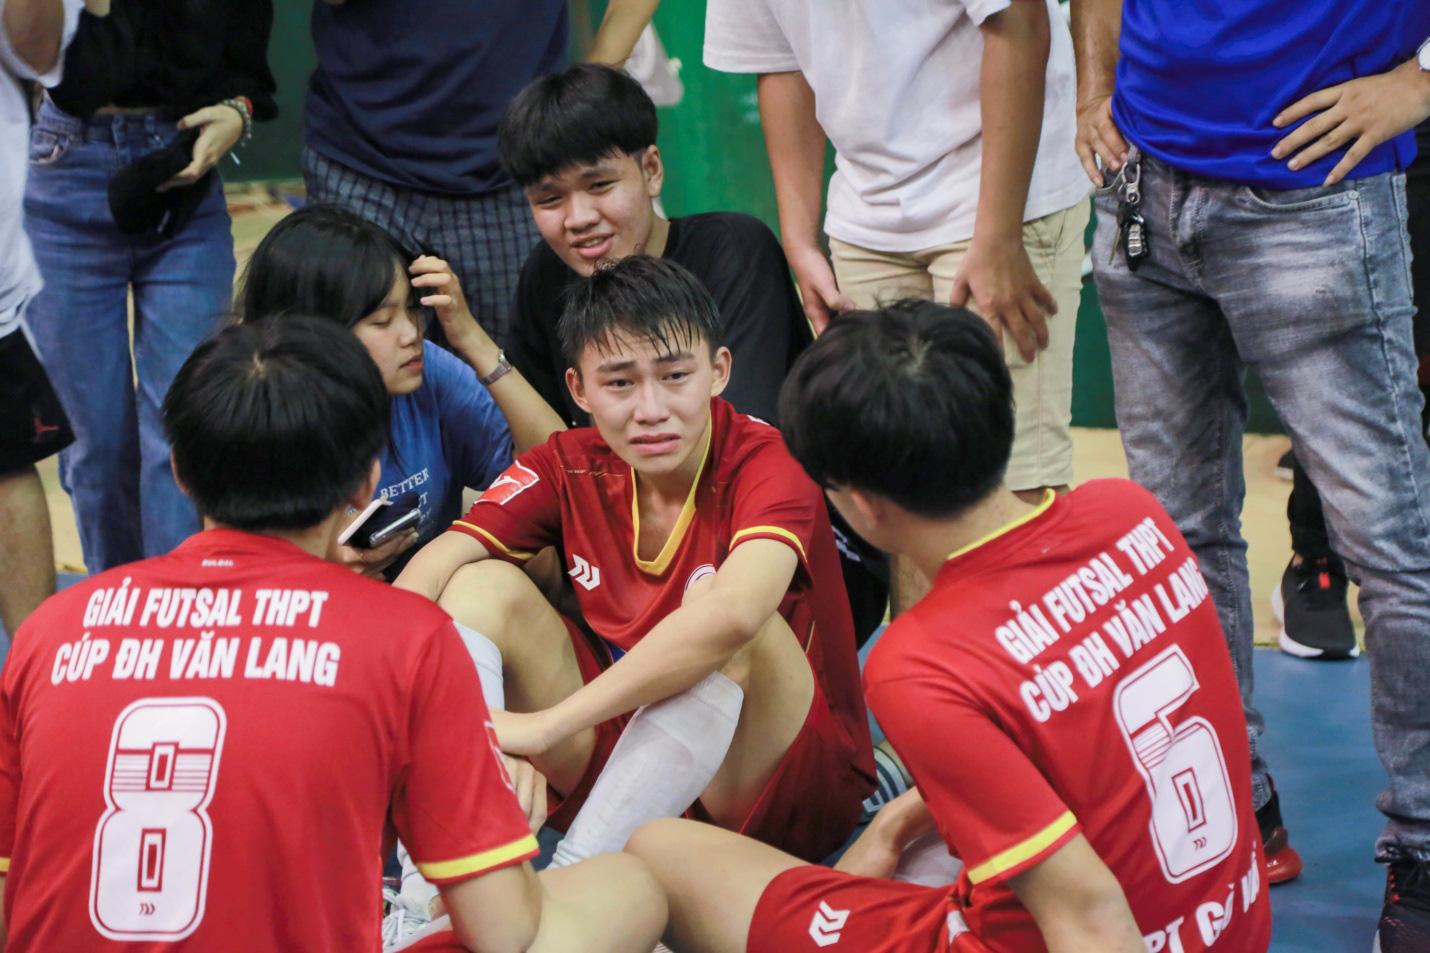 THPT Thanh Đa vô địch Giải Futsal học sinh THPT mở rộng tranh cúp ĐH Văn Lang năm 2020 - Ảnh 3.